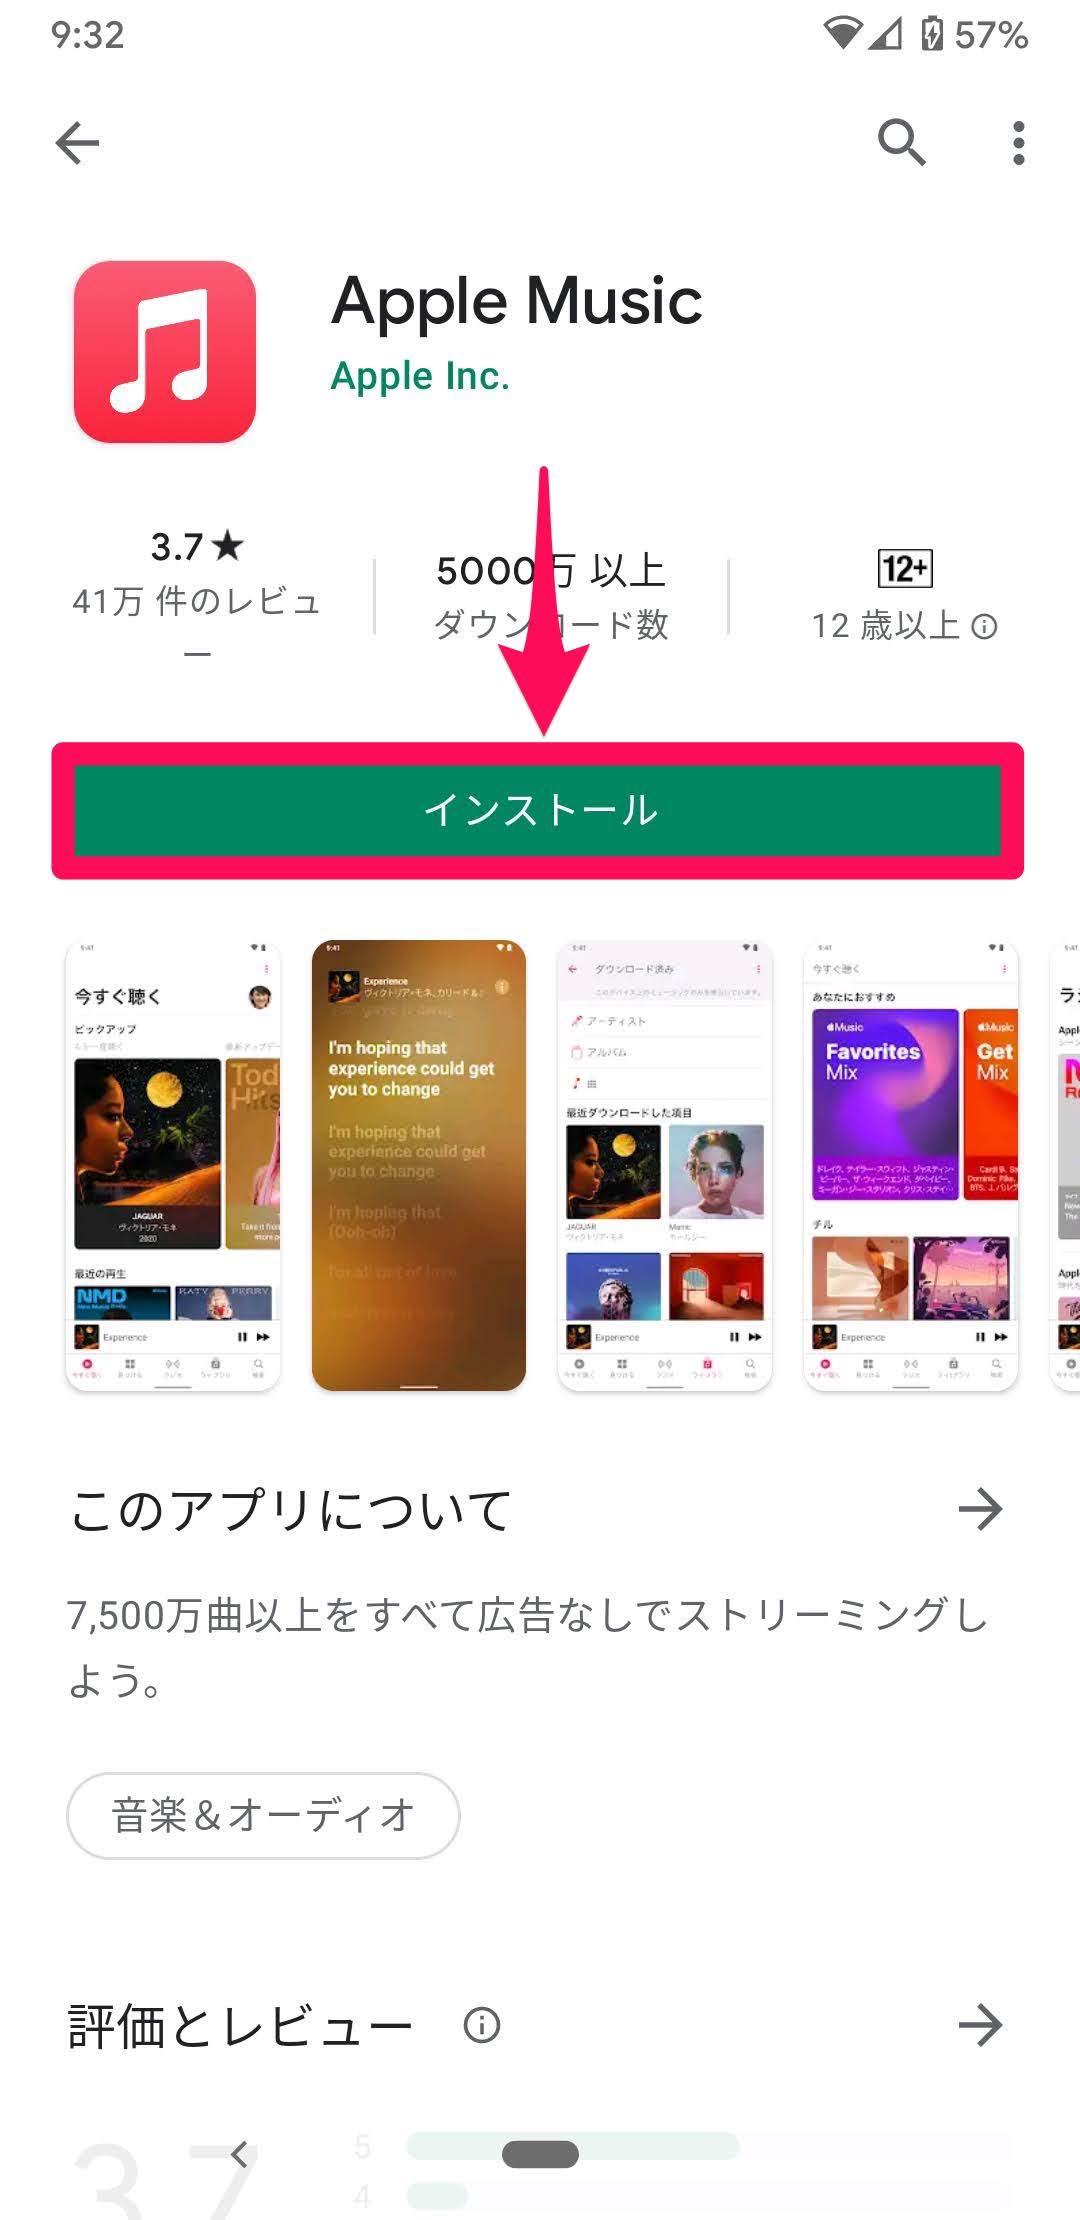 手順①Apple Musicのアプリをダウンロードする